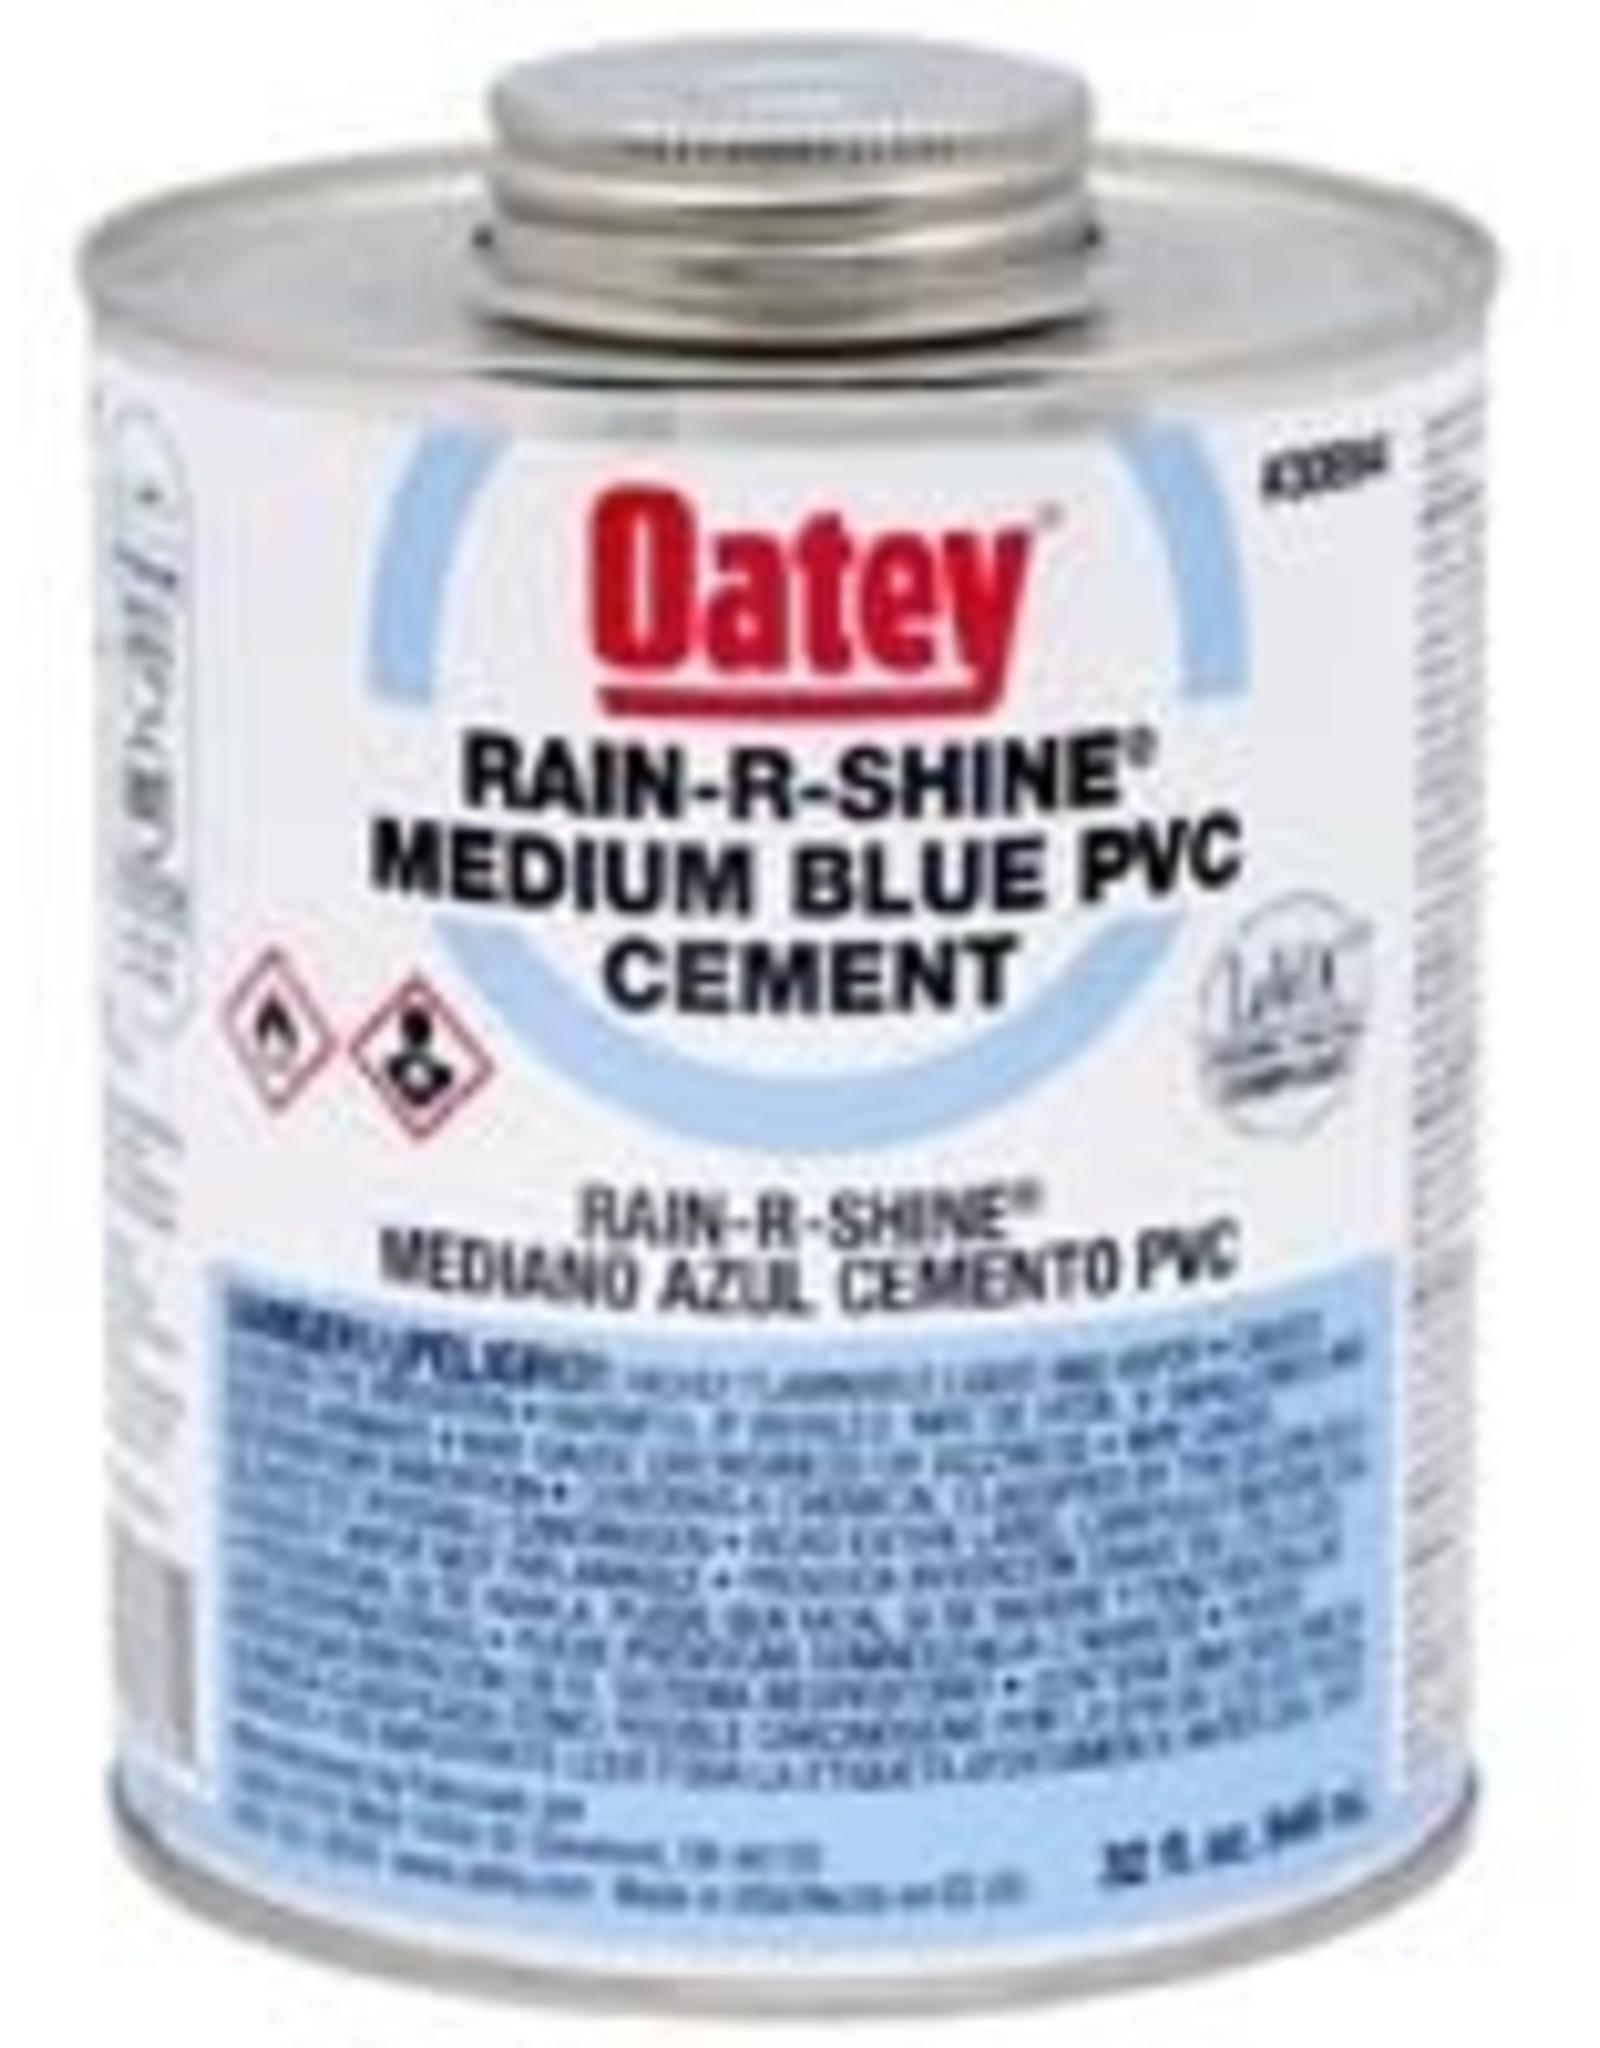 Oatey Oatey - Rain R Shine Medium Blue PVC Cement 32oz